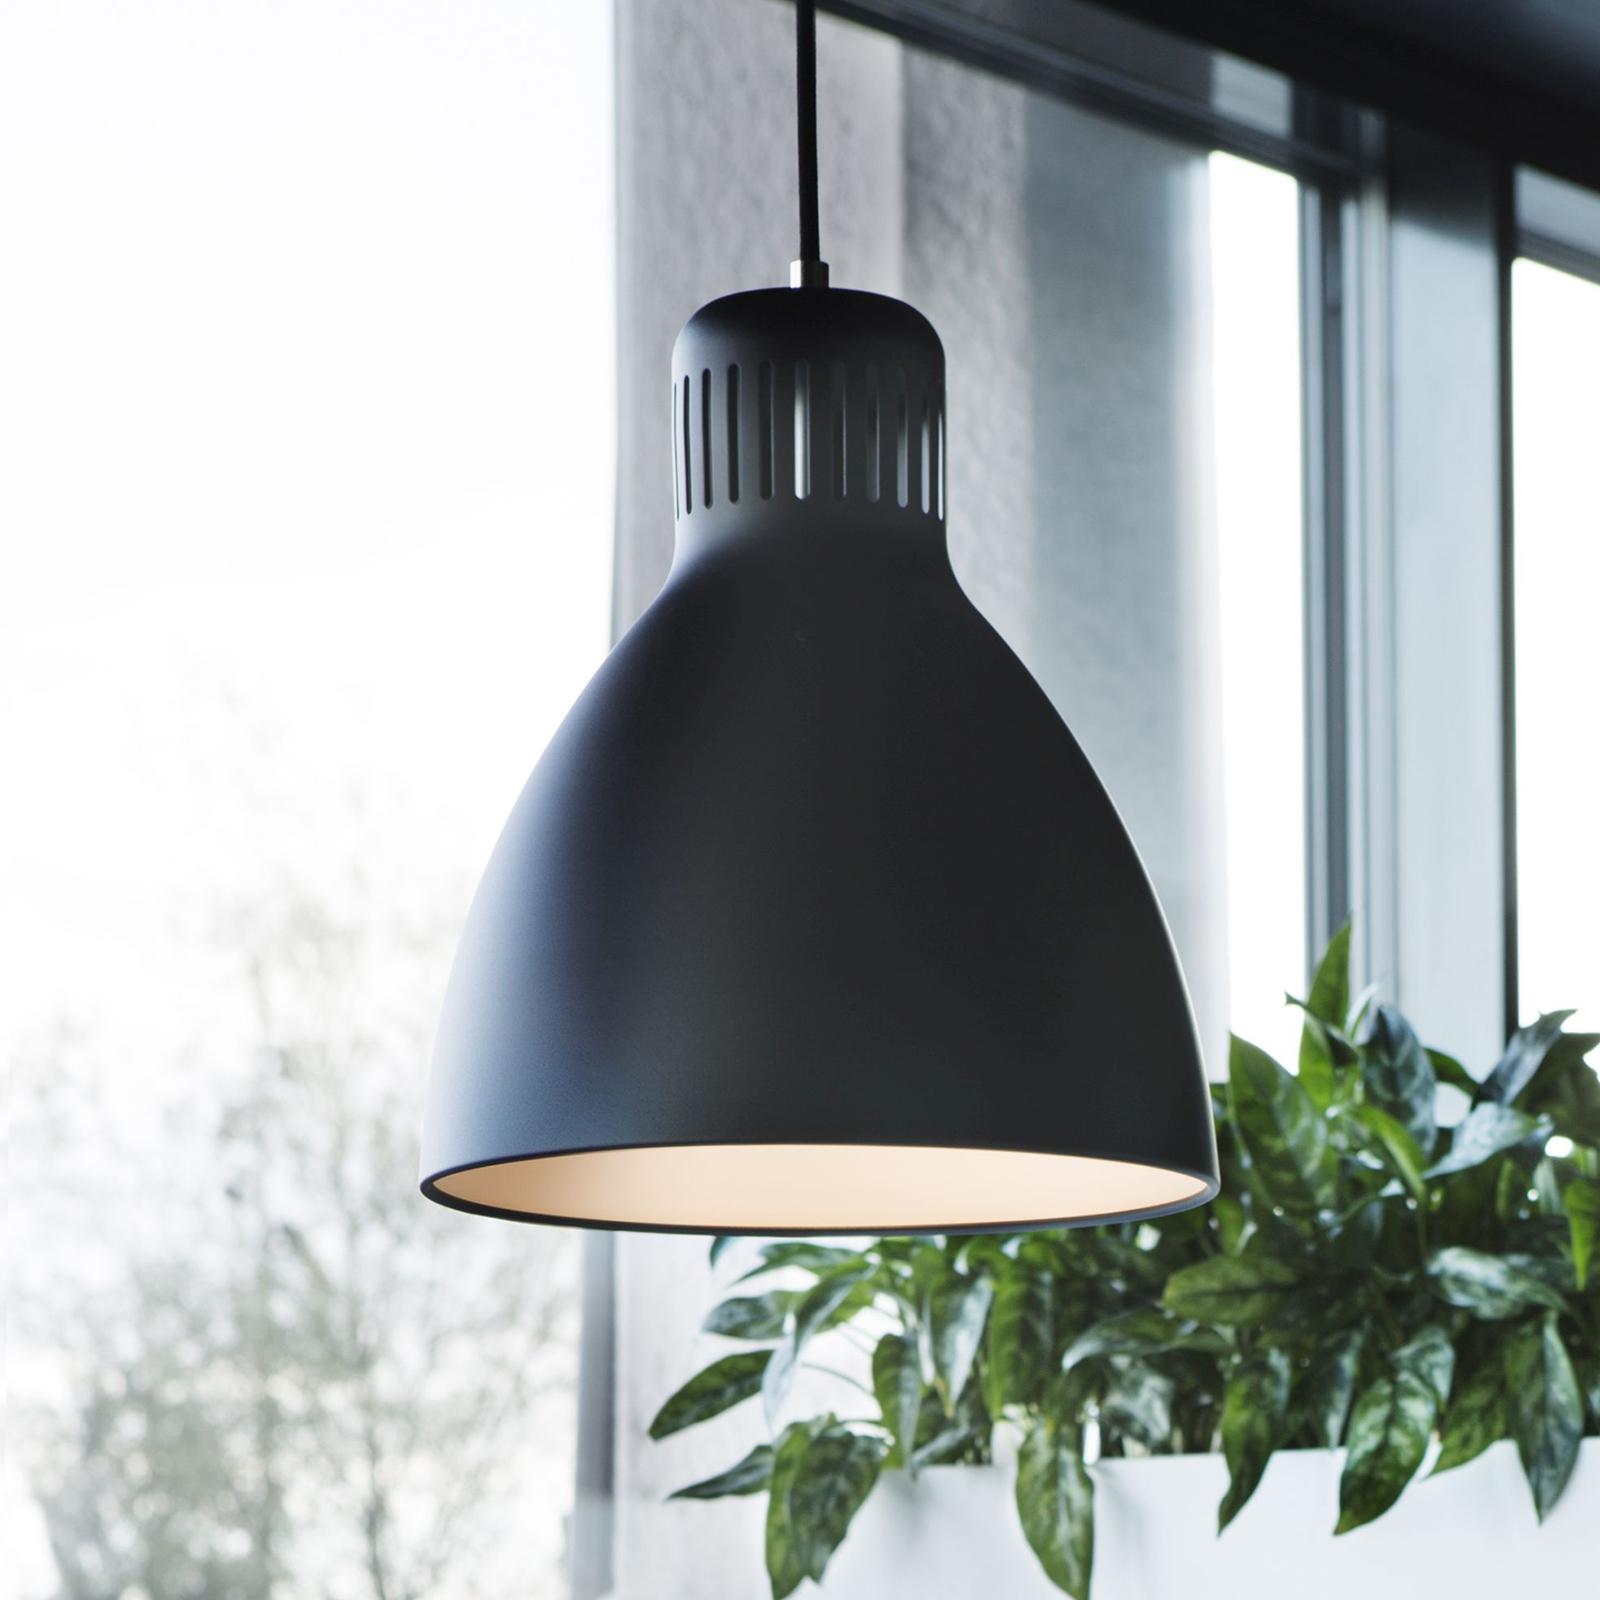 Suspension LED L-1, 3000K, noire